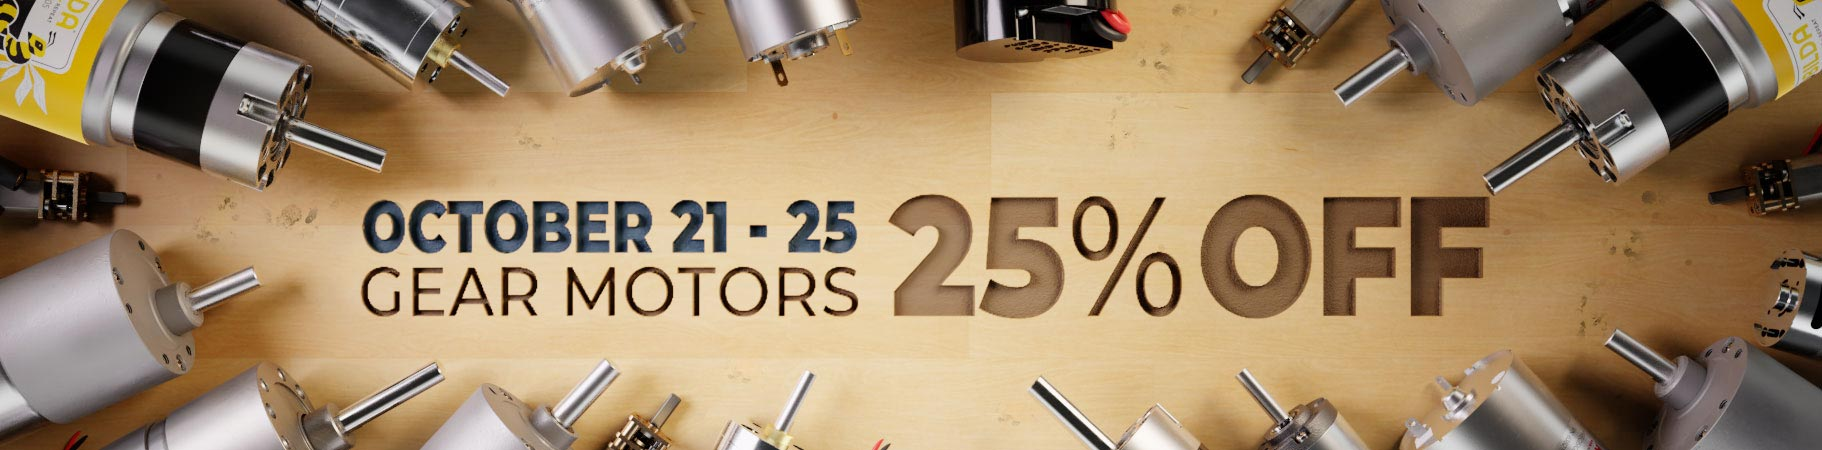 Gear-Motor-Sale_1822x450.jpg